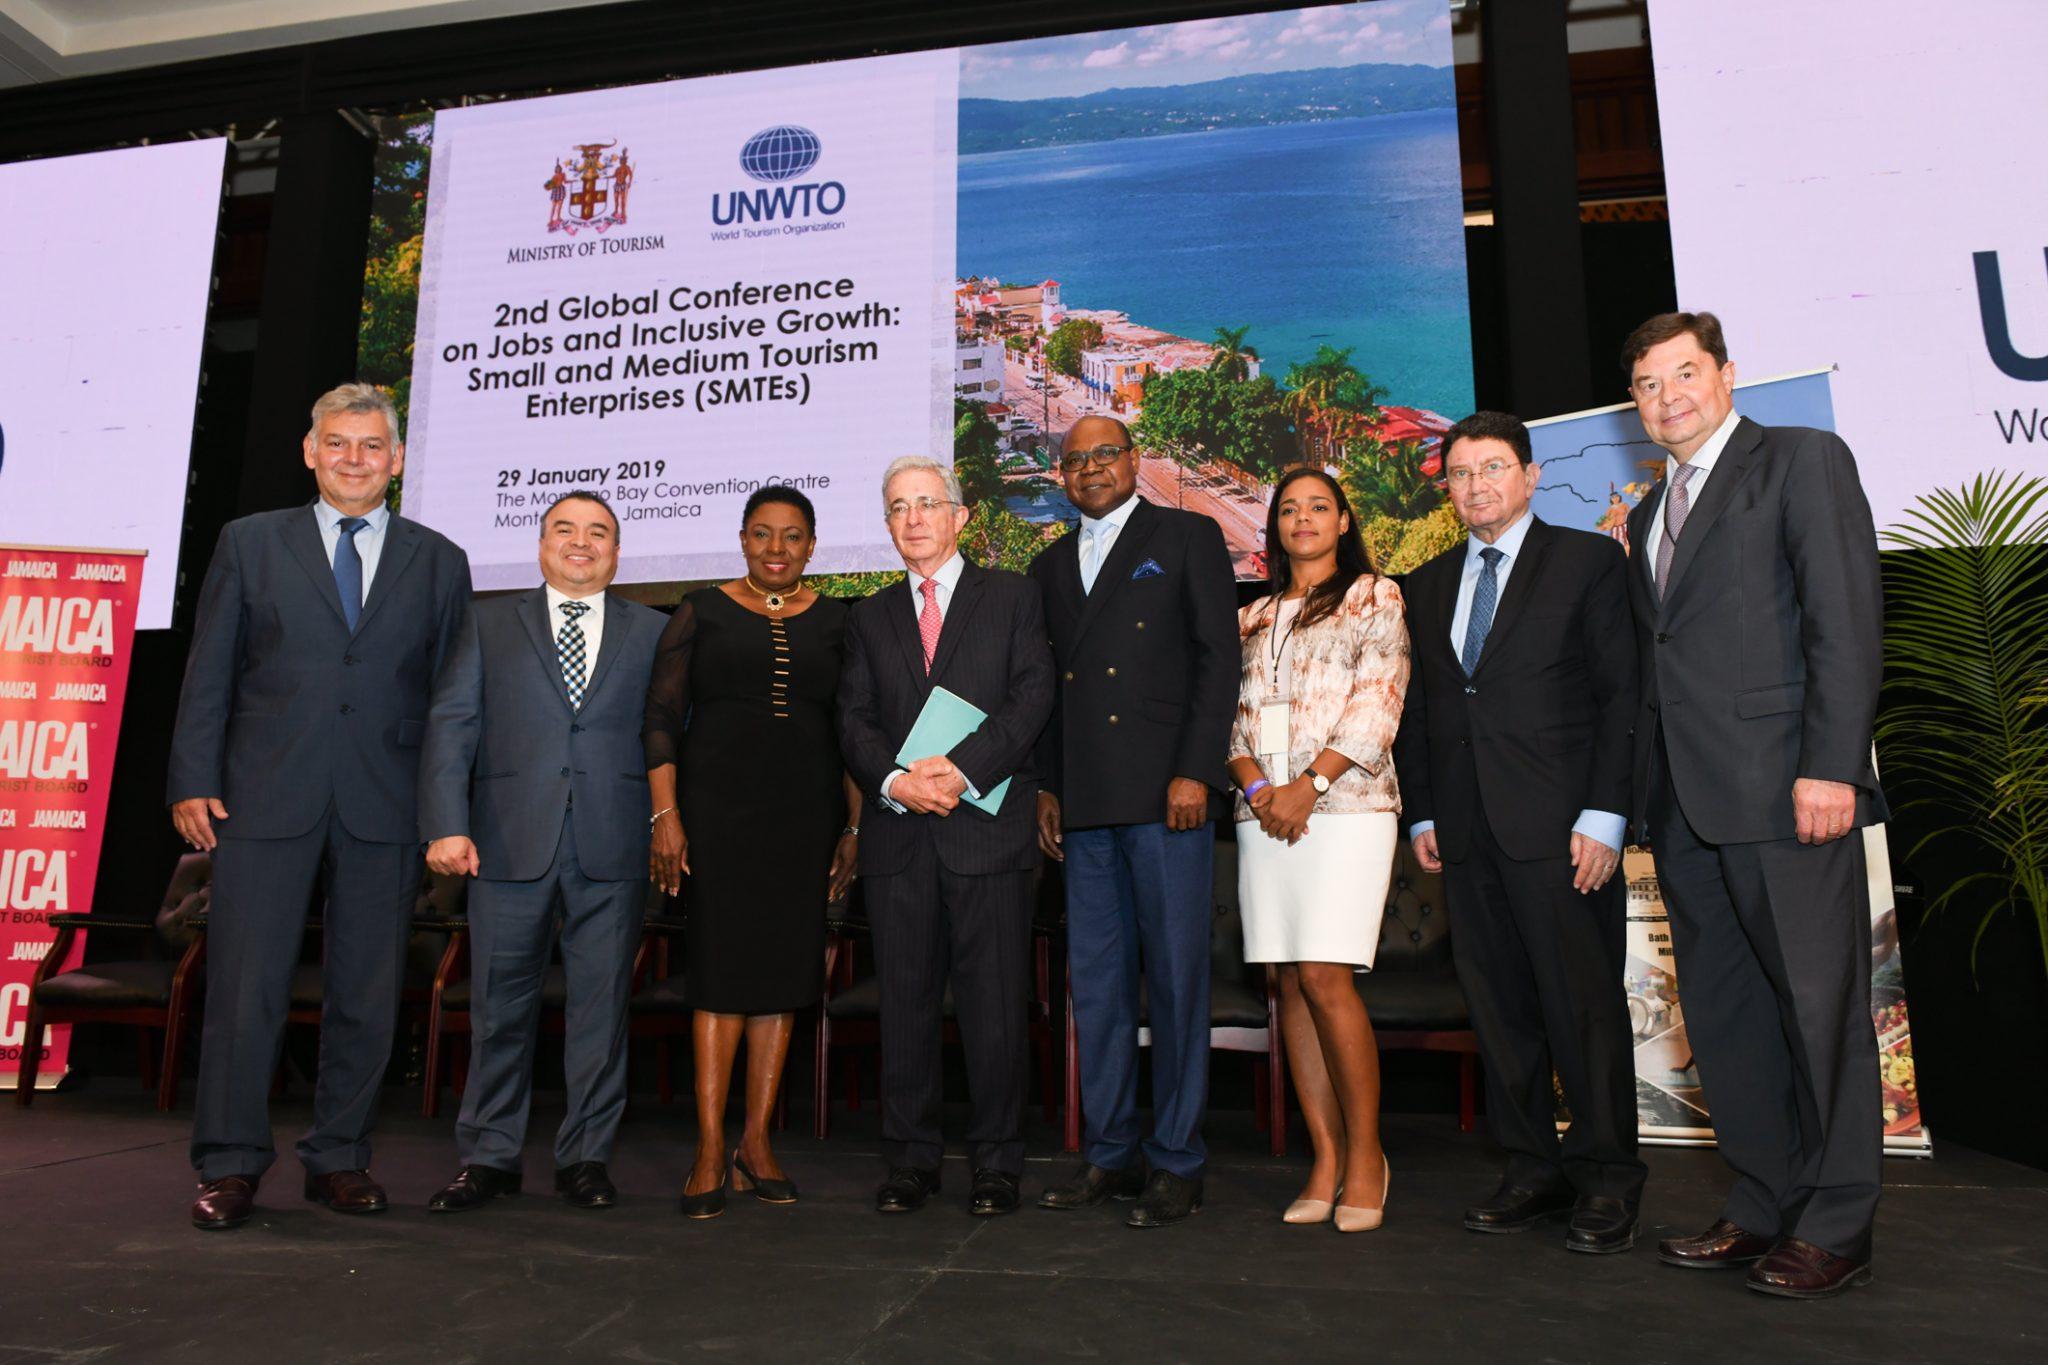 Concluyó con éxito el Caribbean Travel Marketplace 2019 en Jamaica